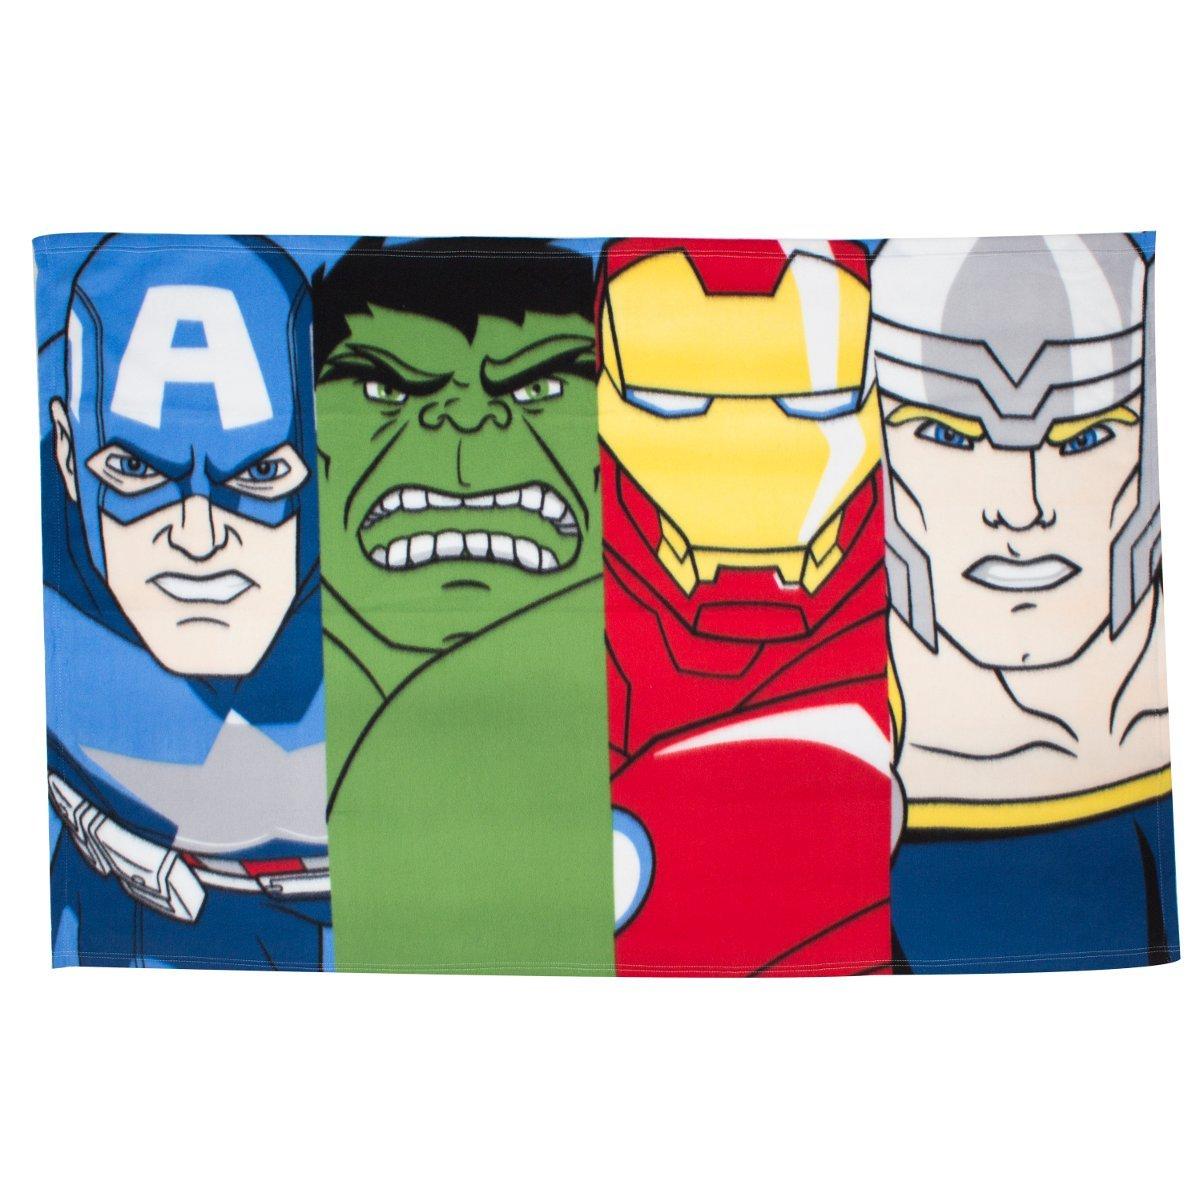 Marvel Avengers Line-up Fleece Blanket charachter world DMALIEFL001UK